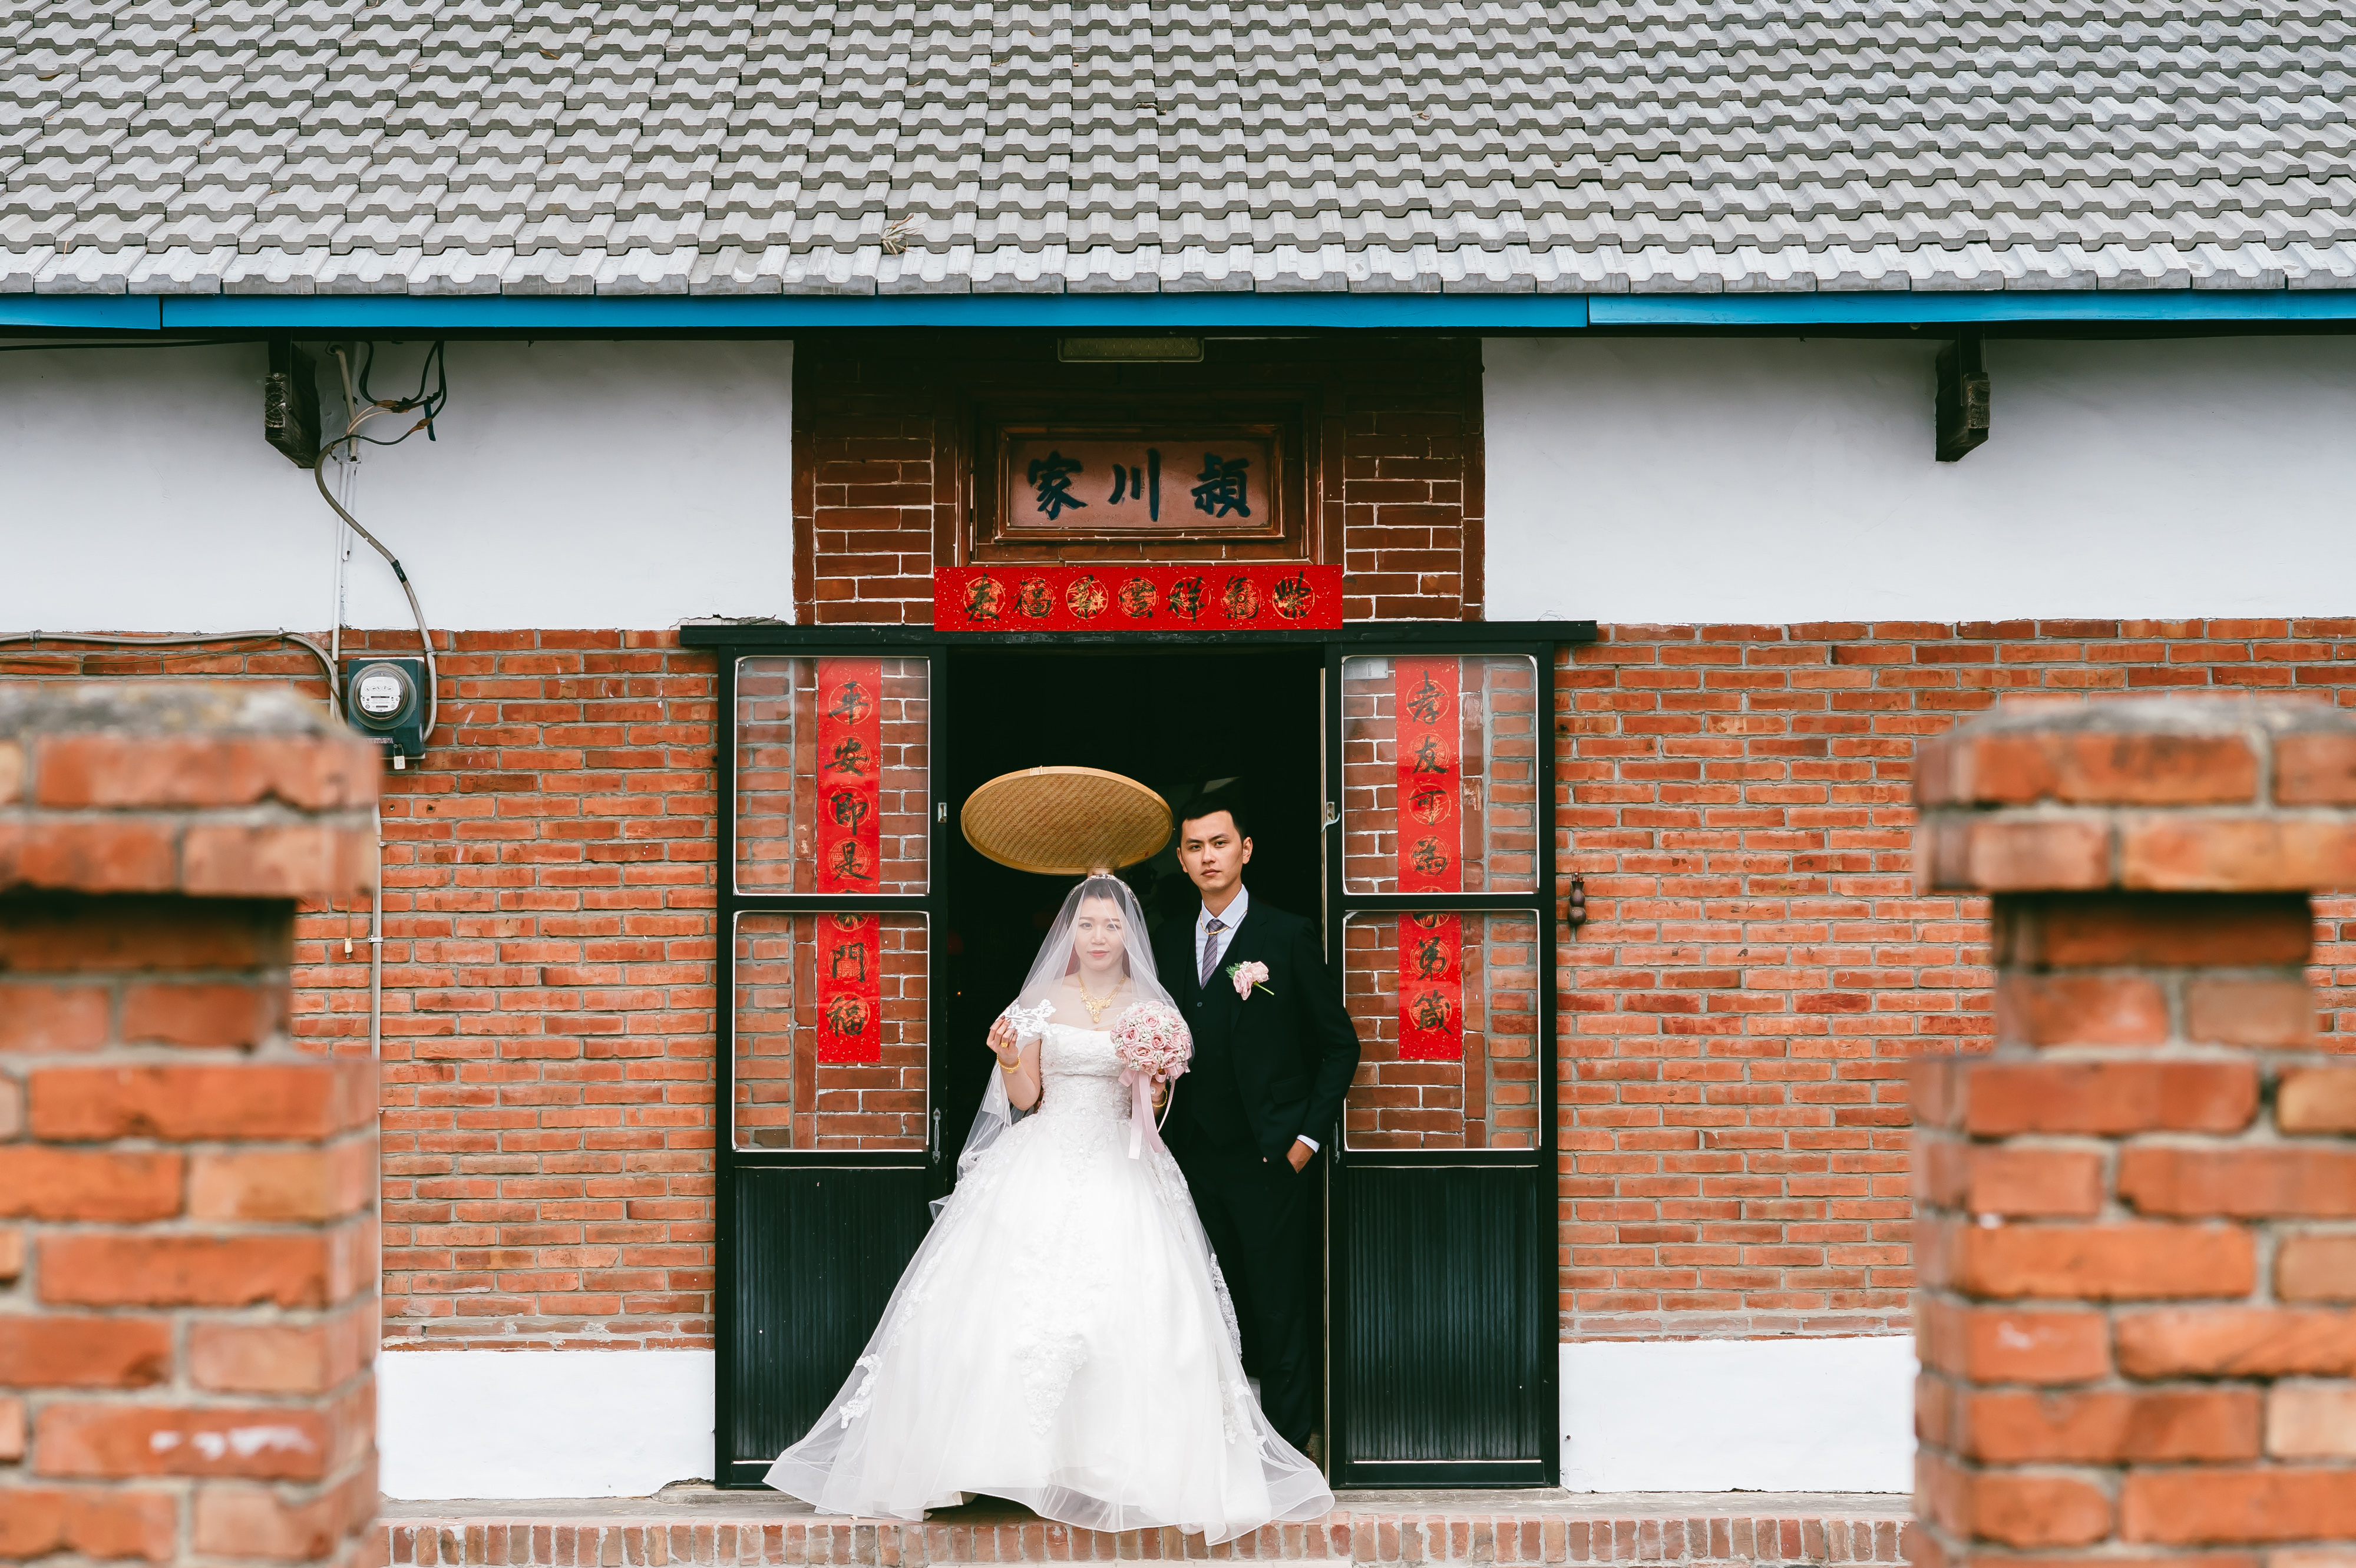 台中婚攝 柏綸+珮綺 結婚迎娶 林酒店 國際廳